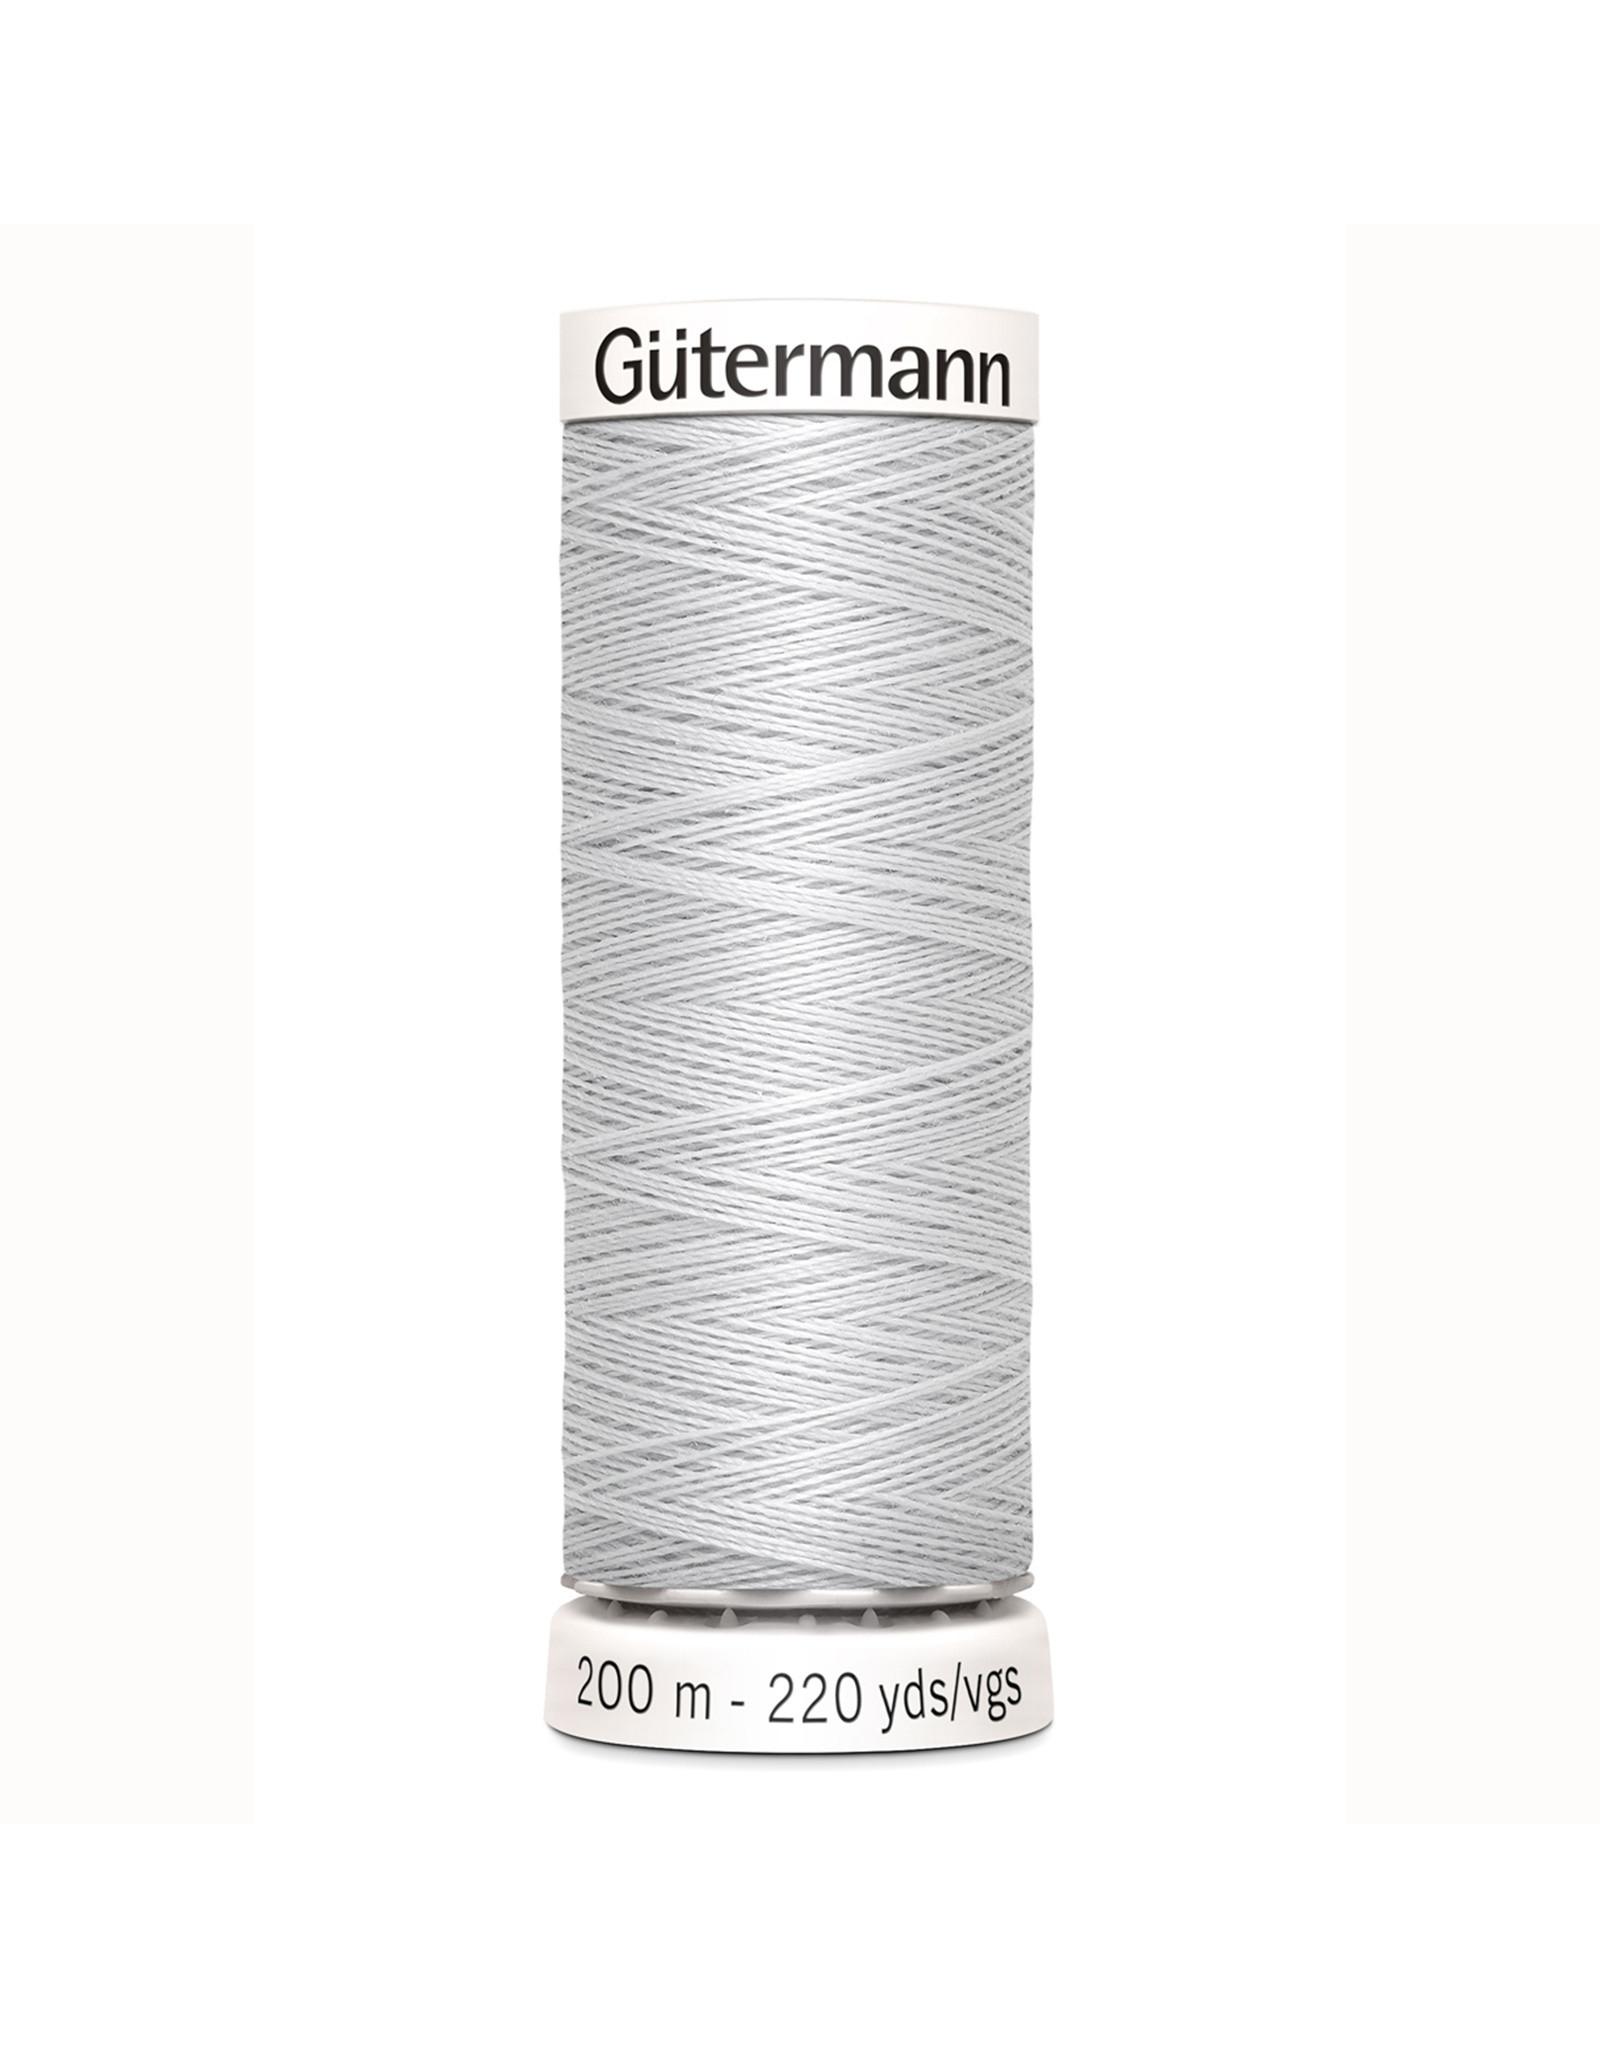 Gütermann Gütermann Sewing Thread 200 m - nr 8